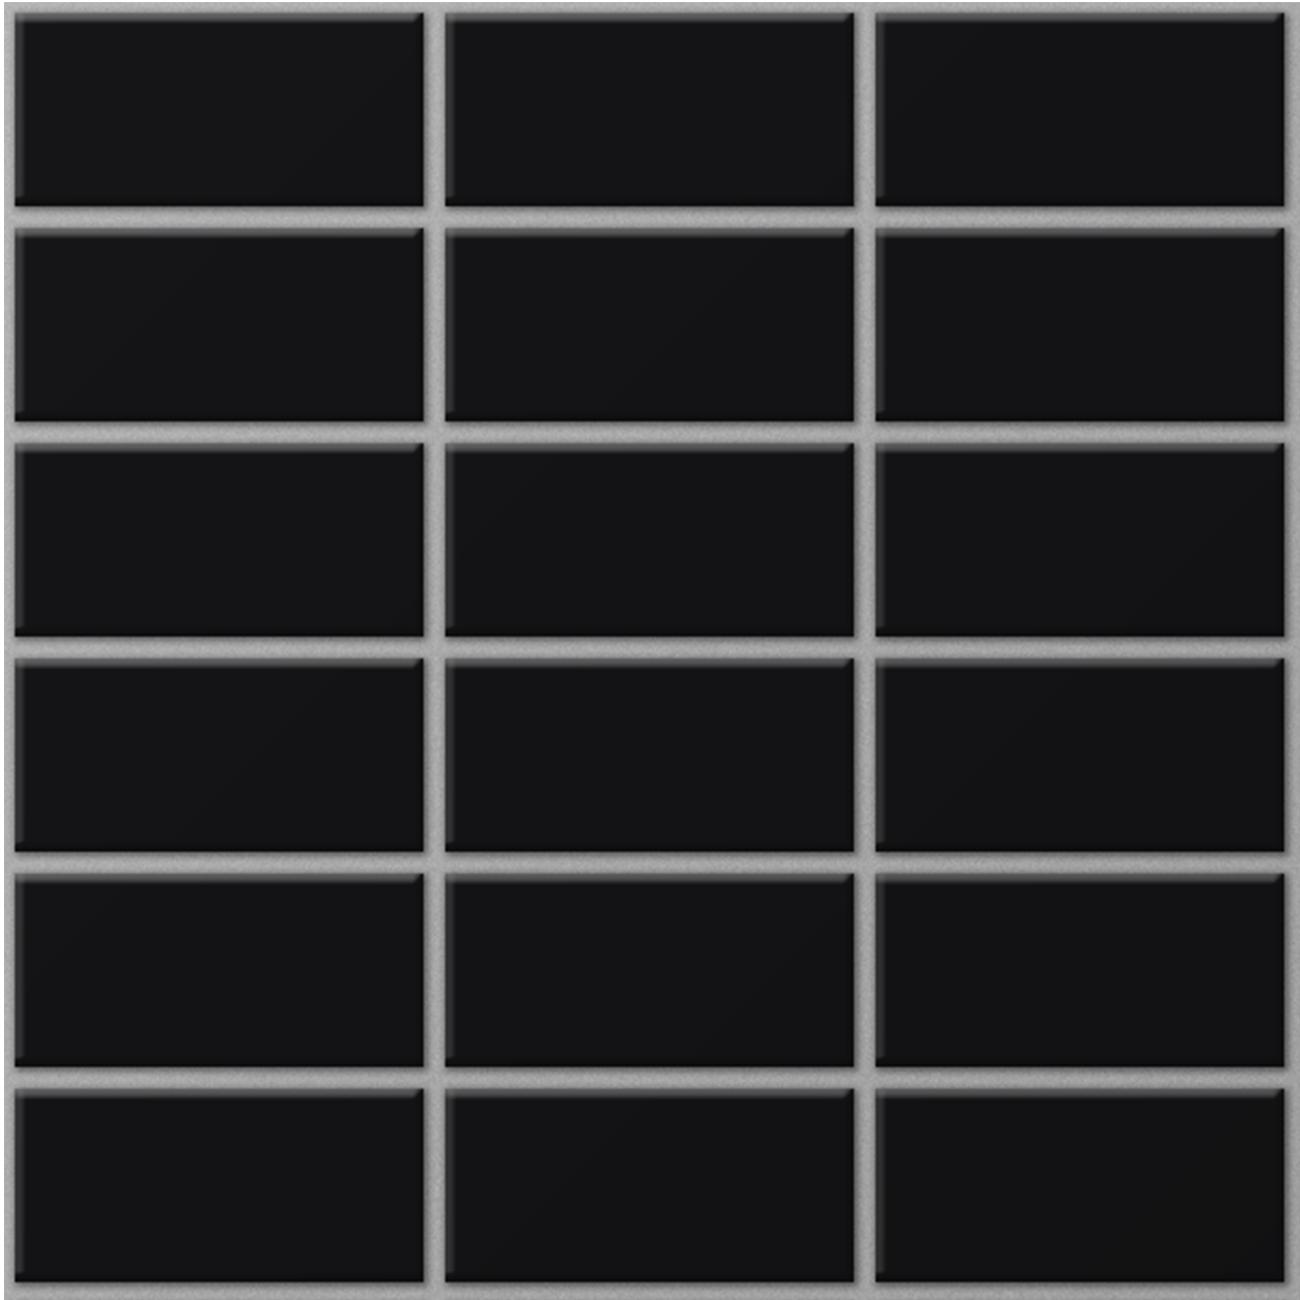 đen 18